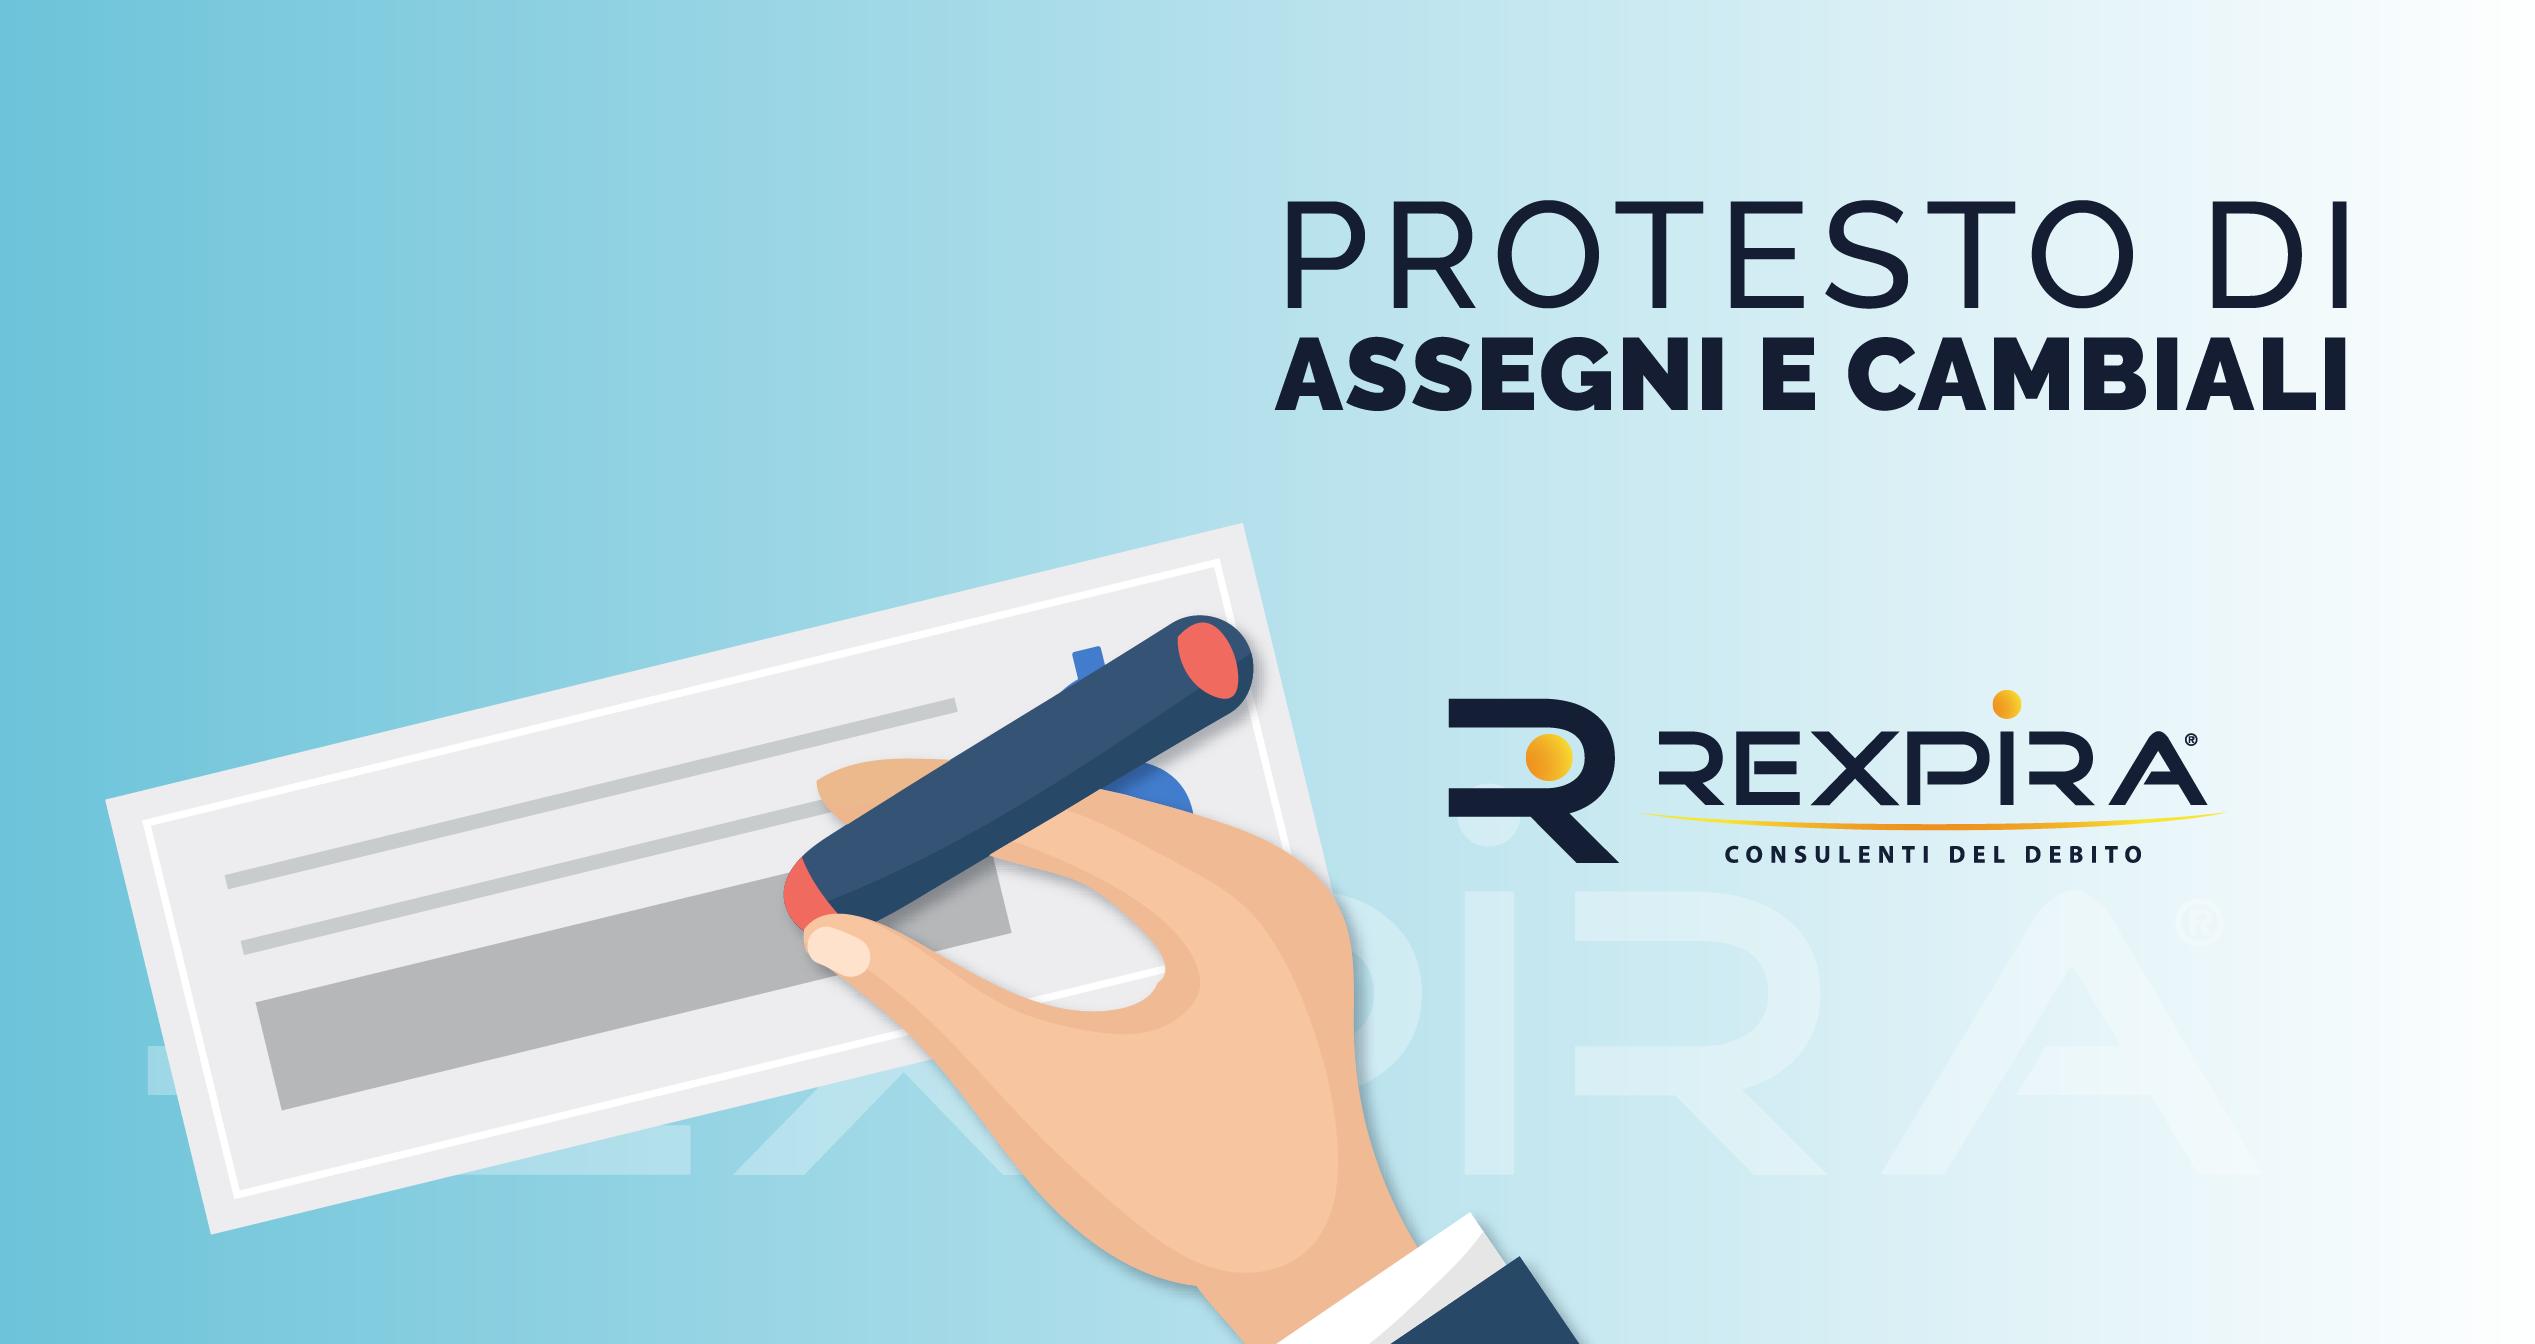 Protesto di assegni e cambiali